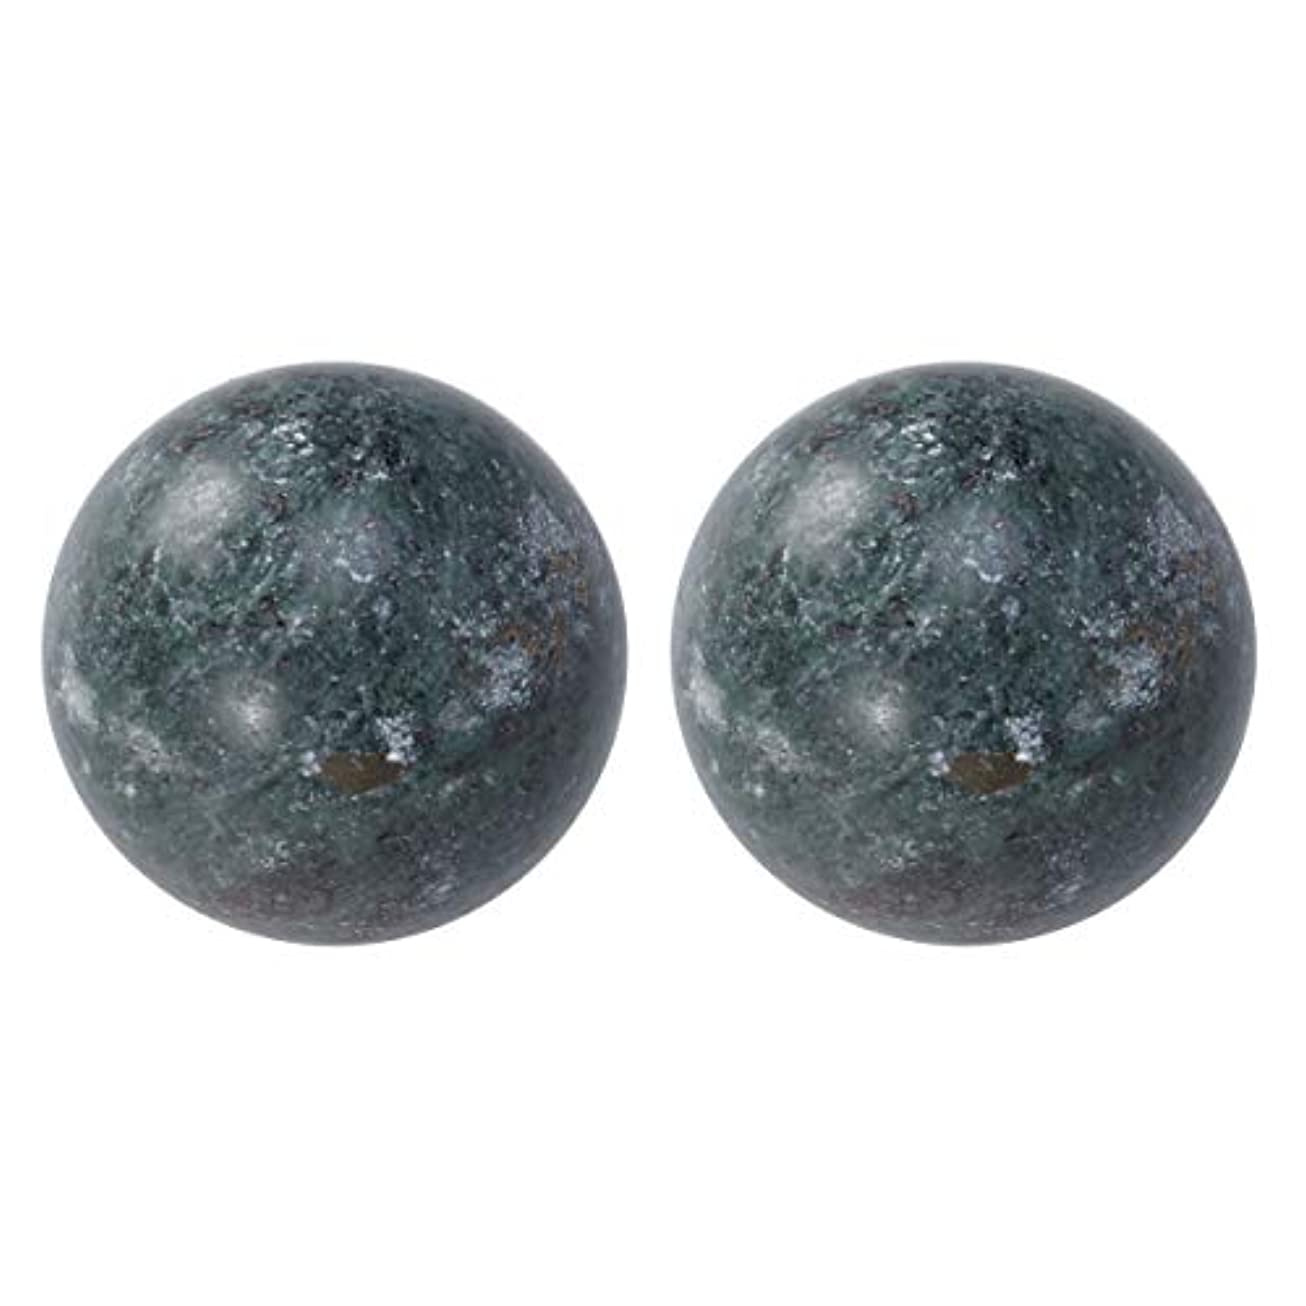 取り出す所持リークROSENICE 高齢者ボールジェイドハンドボール健康運動ボールストレスレリーフ2個(黒)